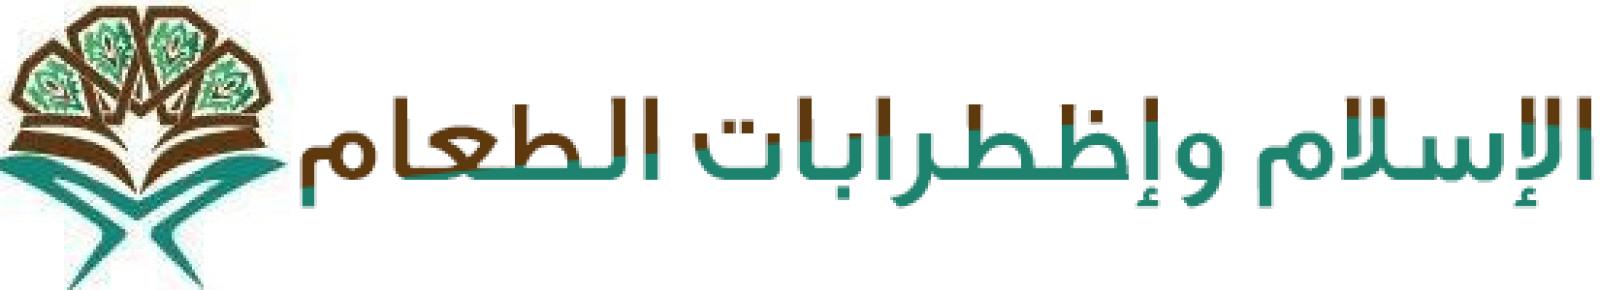 hungry jini logo